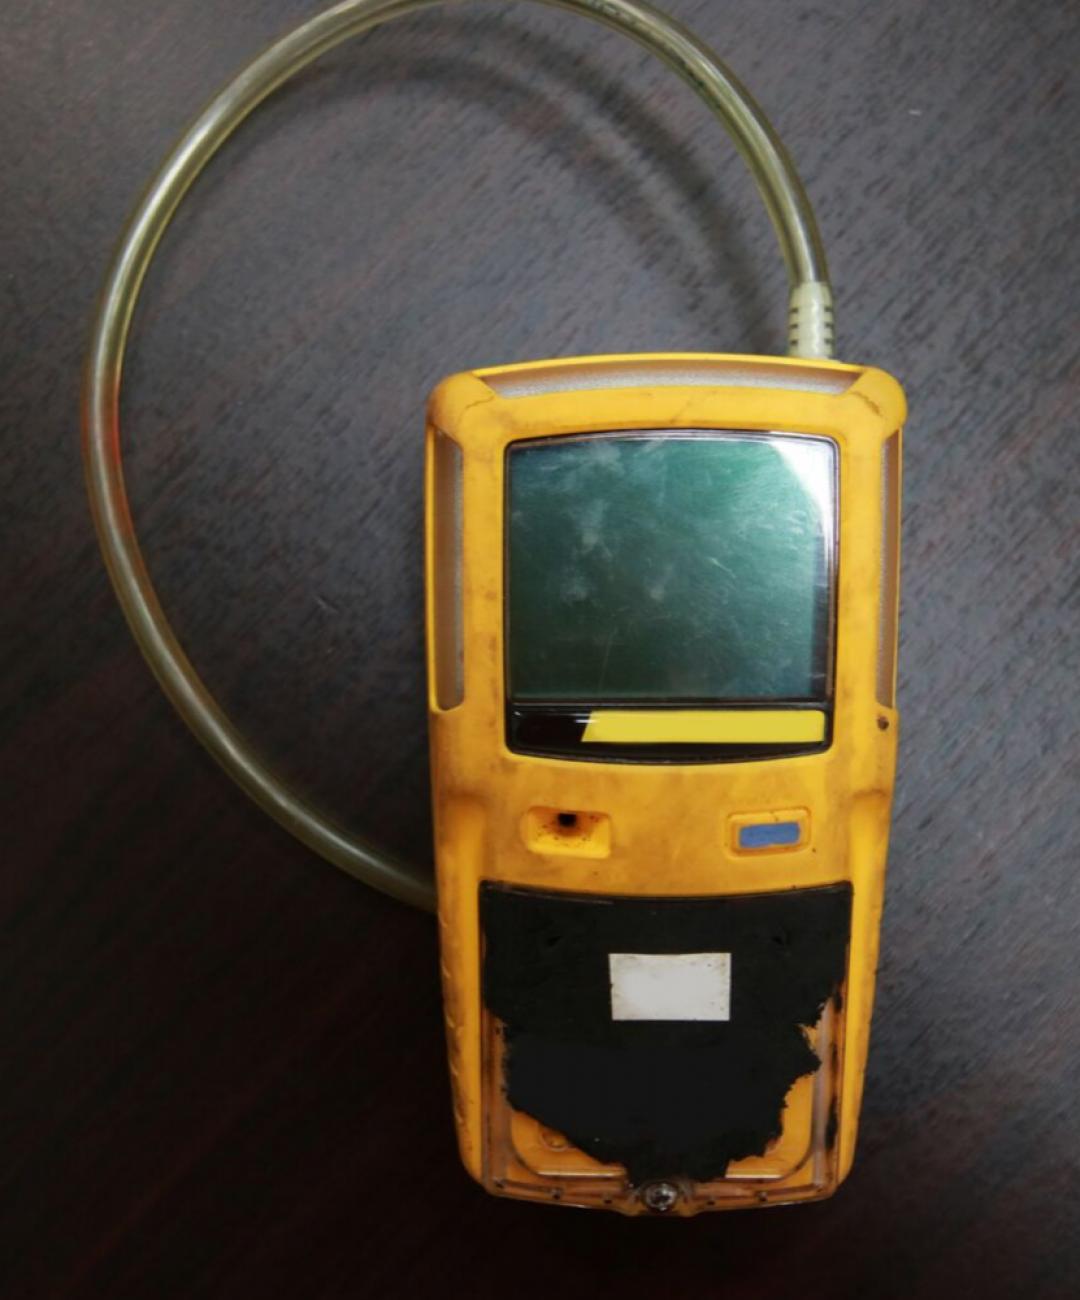 Gas Detectors PBCs